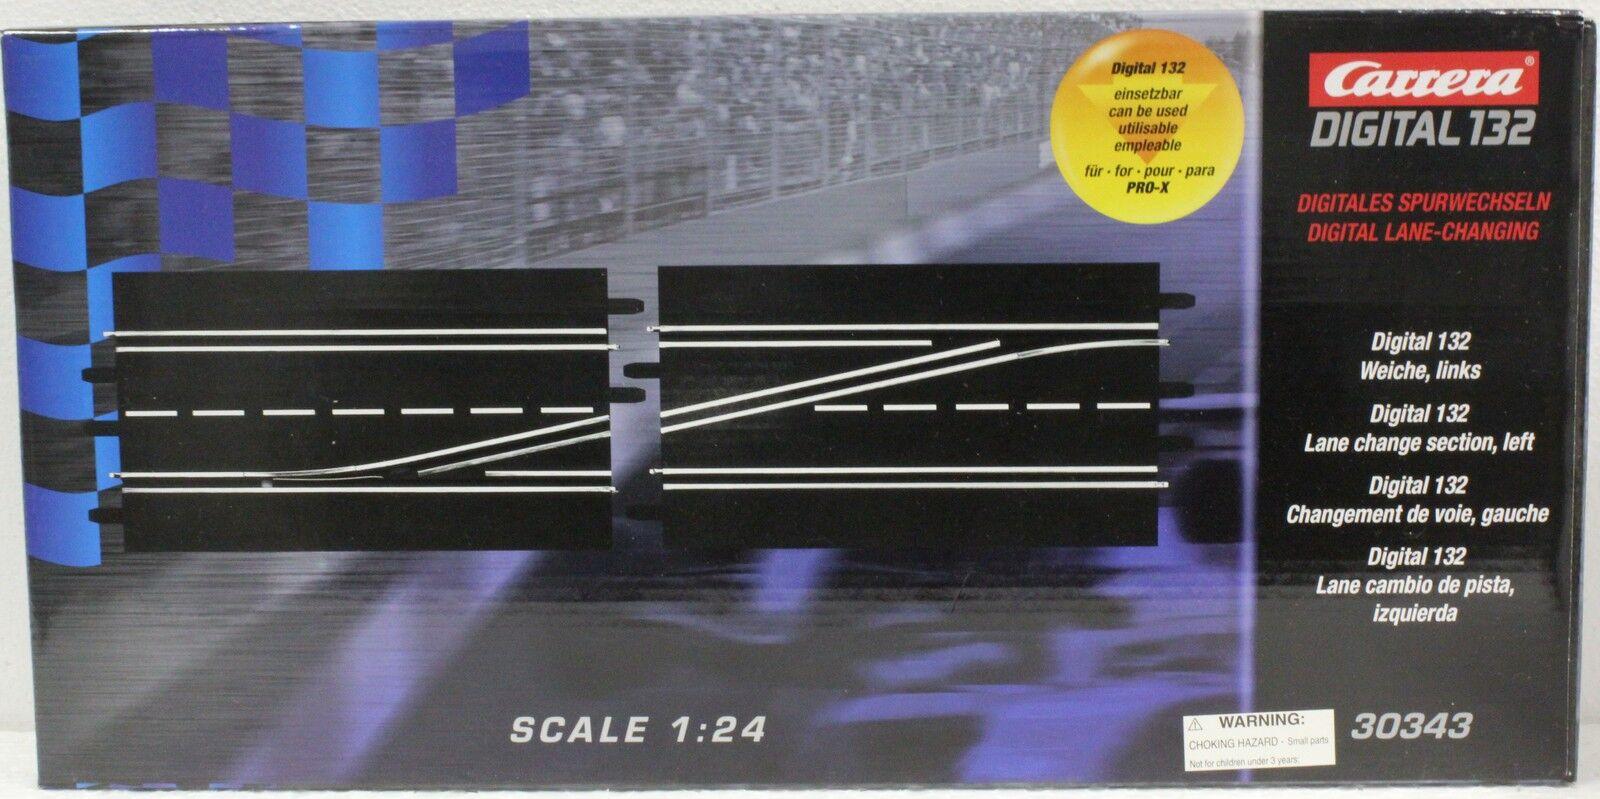 Carrera 30343 Digital 132 Lane Change Left Track 1/24 - 1/32 Slot Car Track